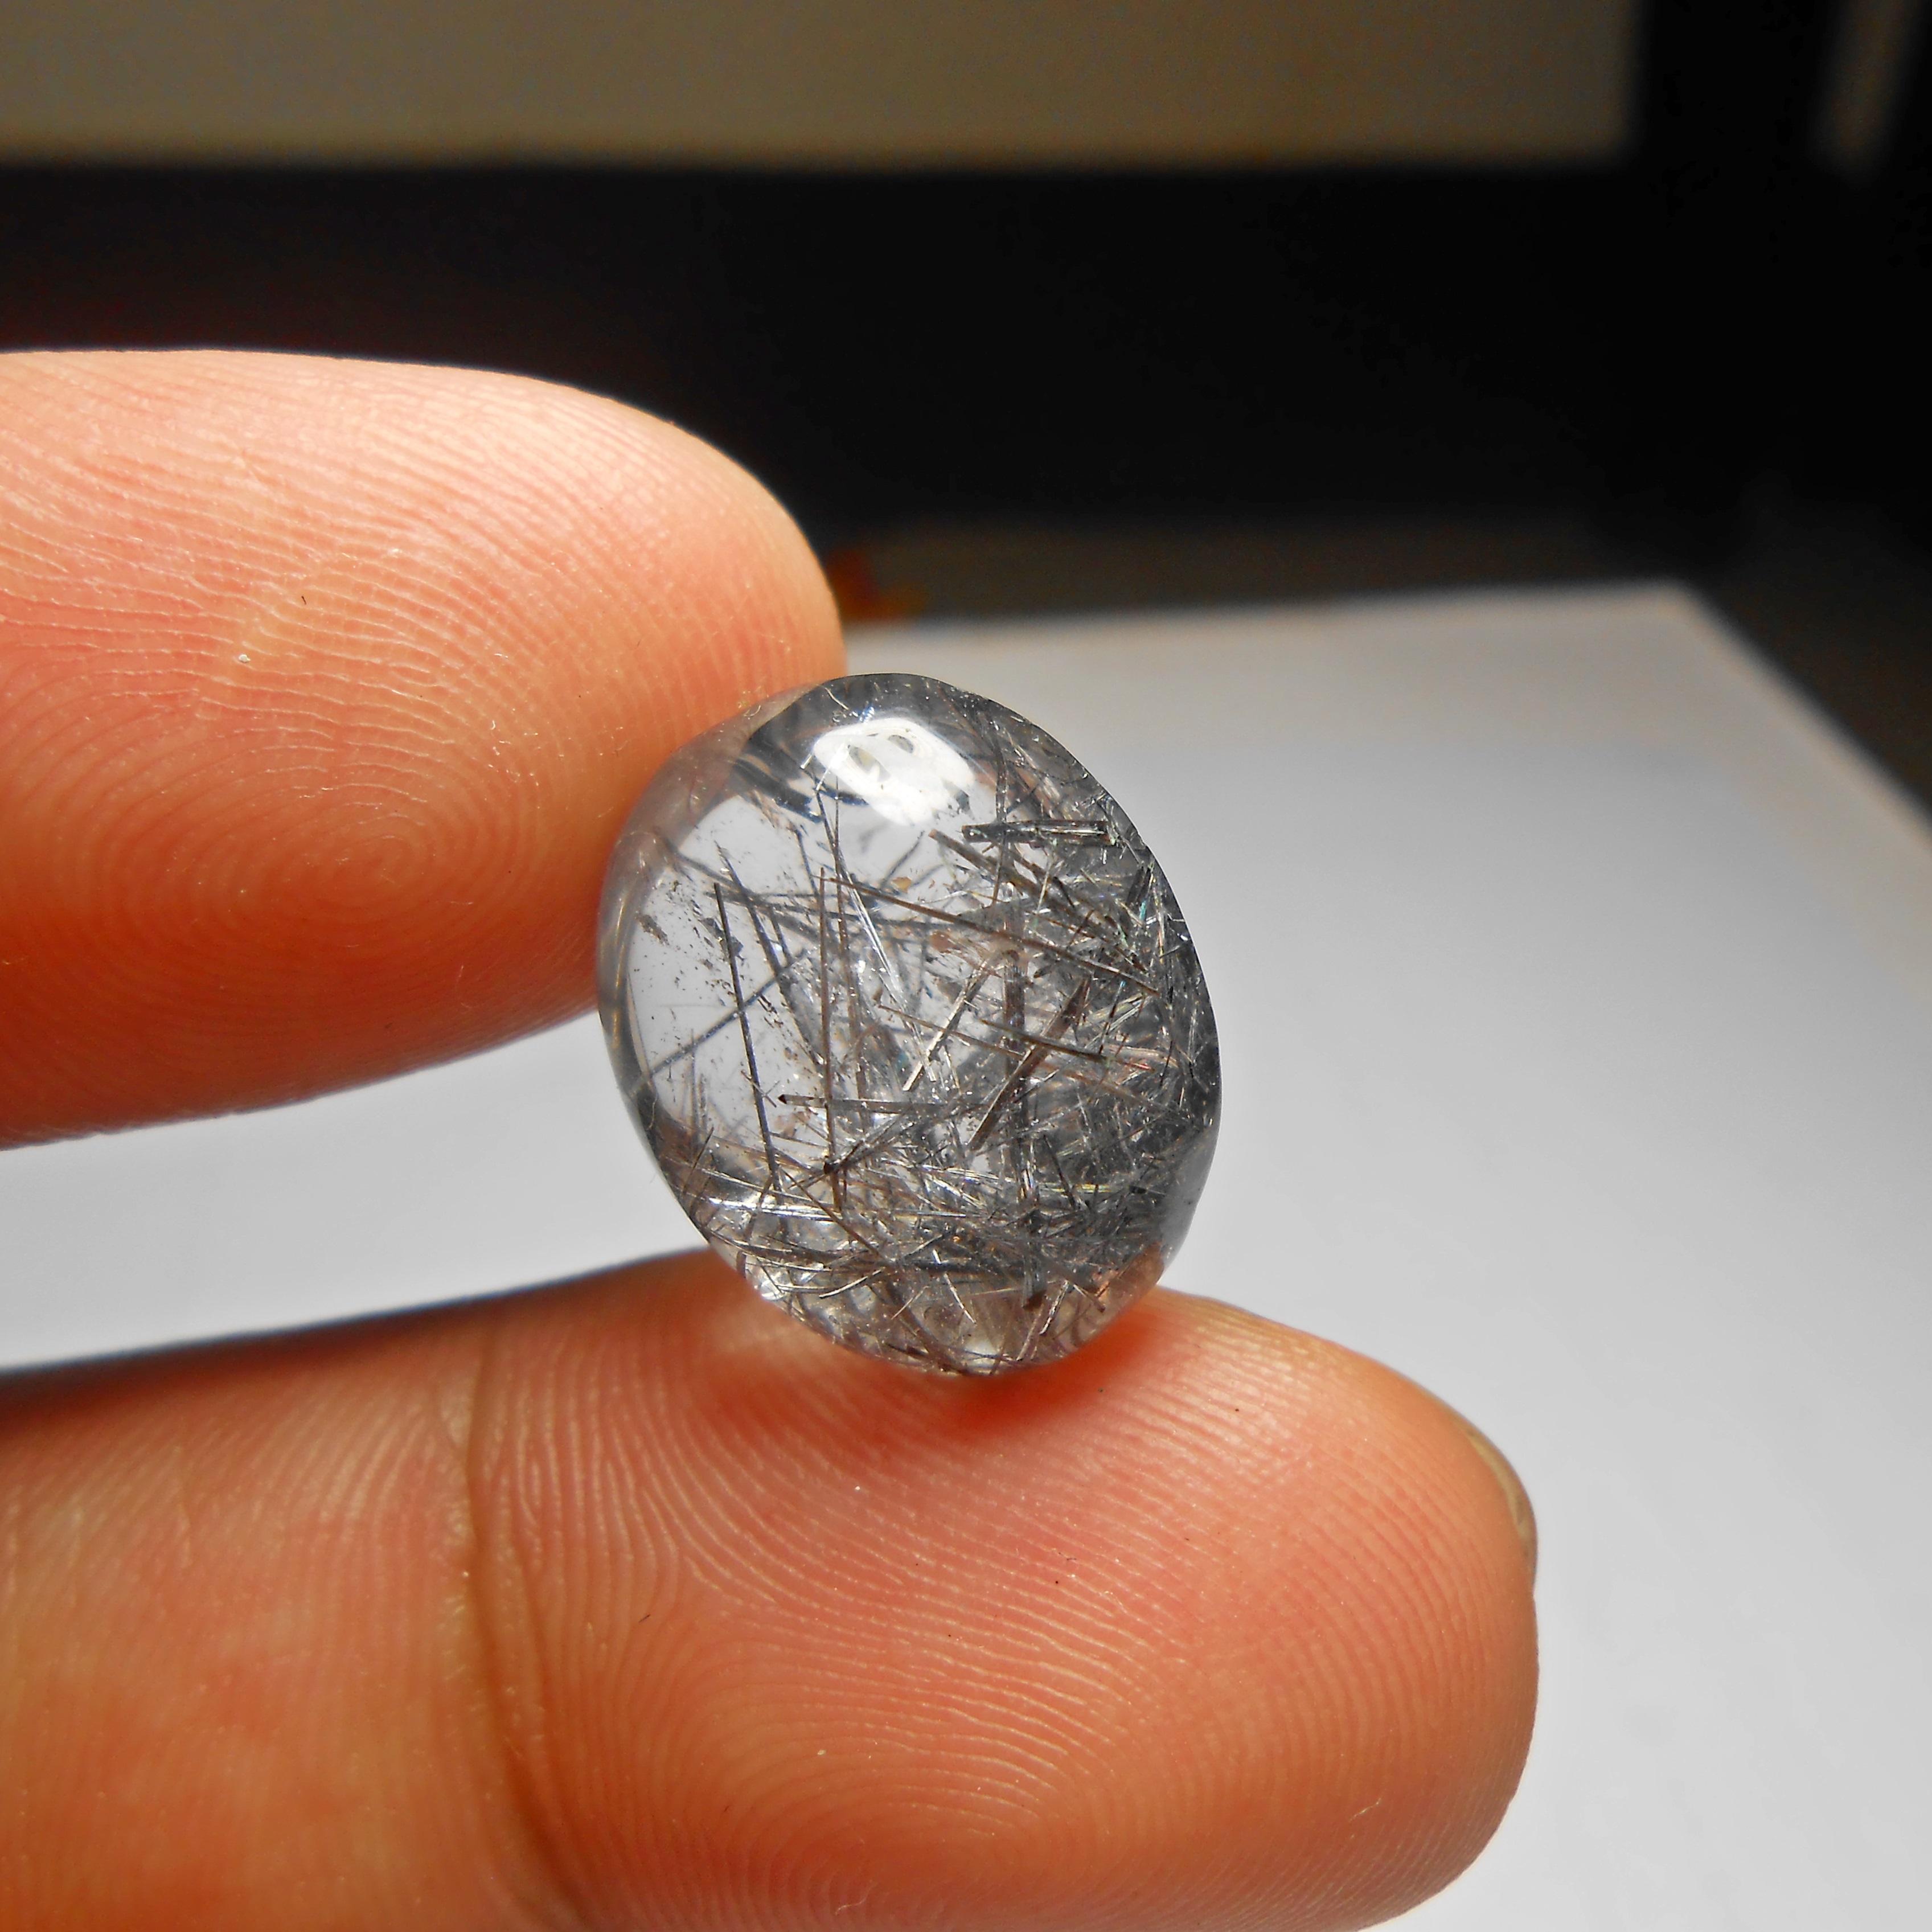 แก้วขนเหล็ก เส้นสวย คม สวย น้ำงาม ขนาด 1.8x1.5 cm ทำ จี้ หรือ แหวน สวยๆ